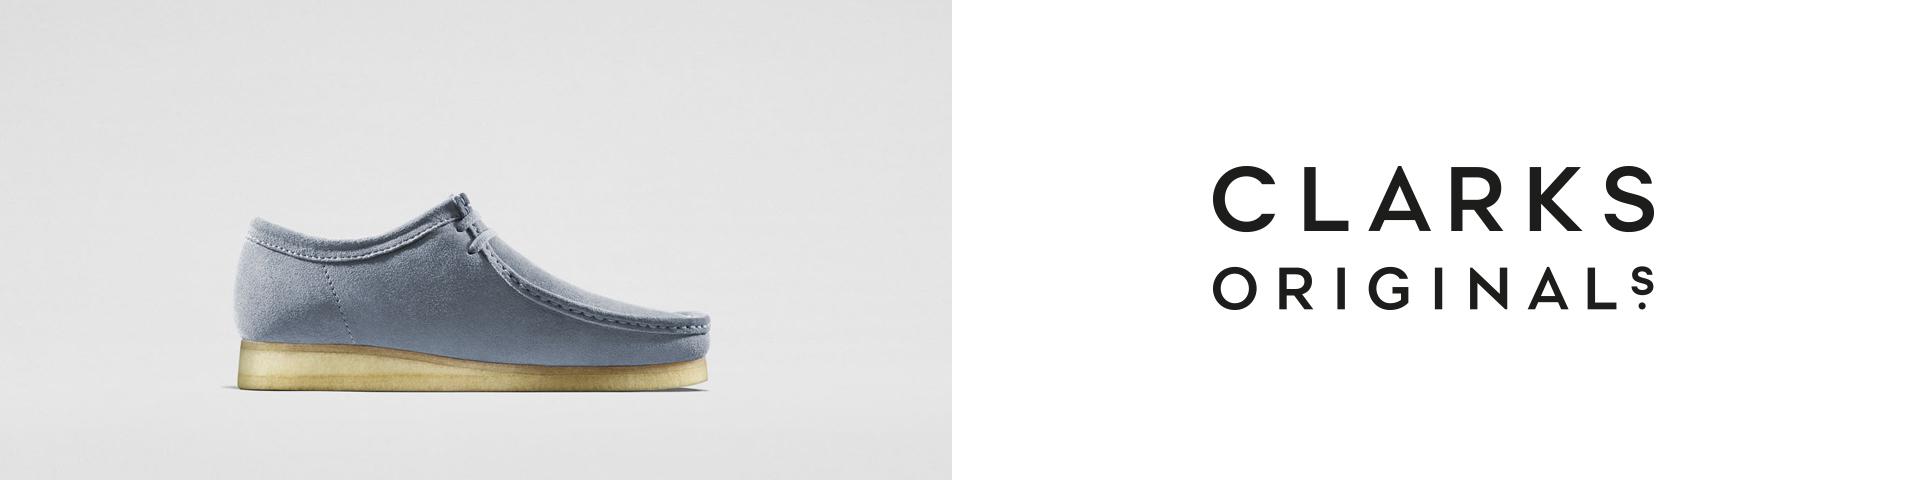 e319234af87dd7 Clarks Originals Schoenen online kopen | Gratis verzending | ZALANDO